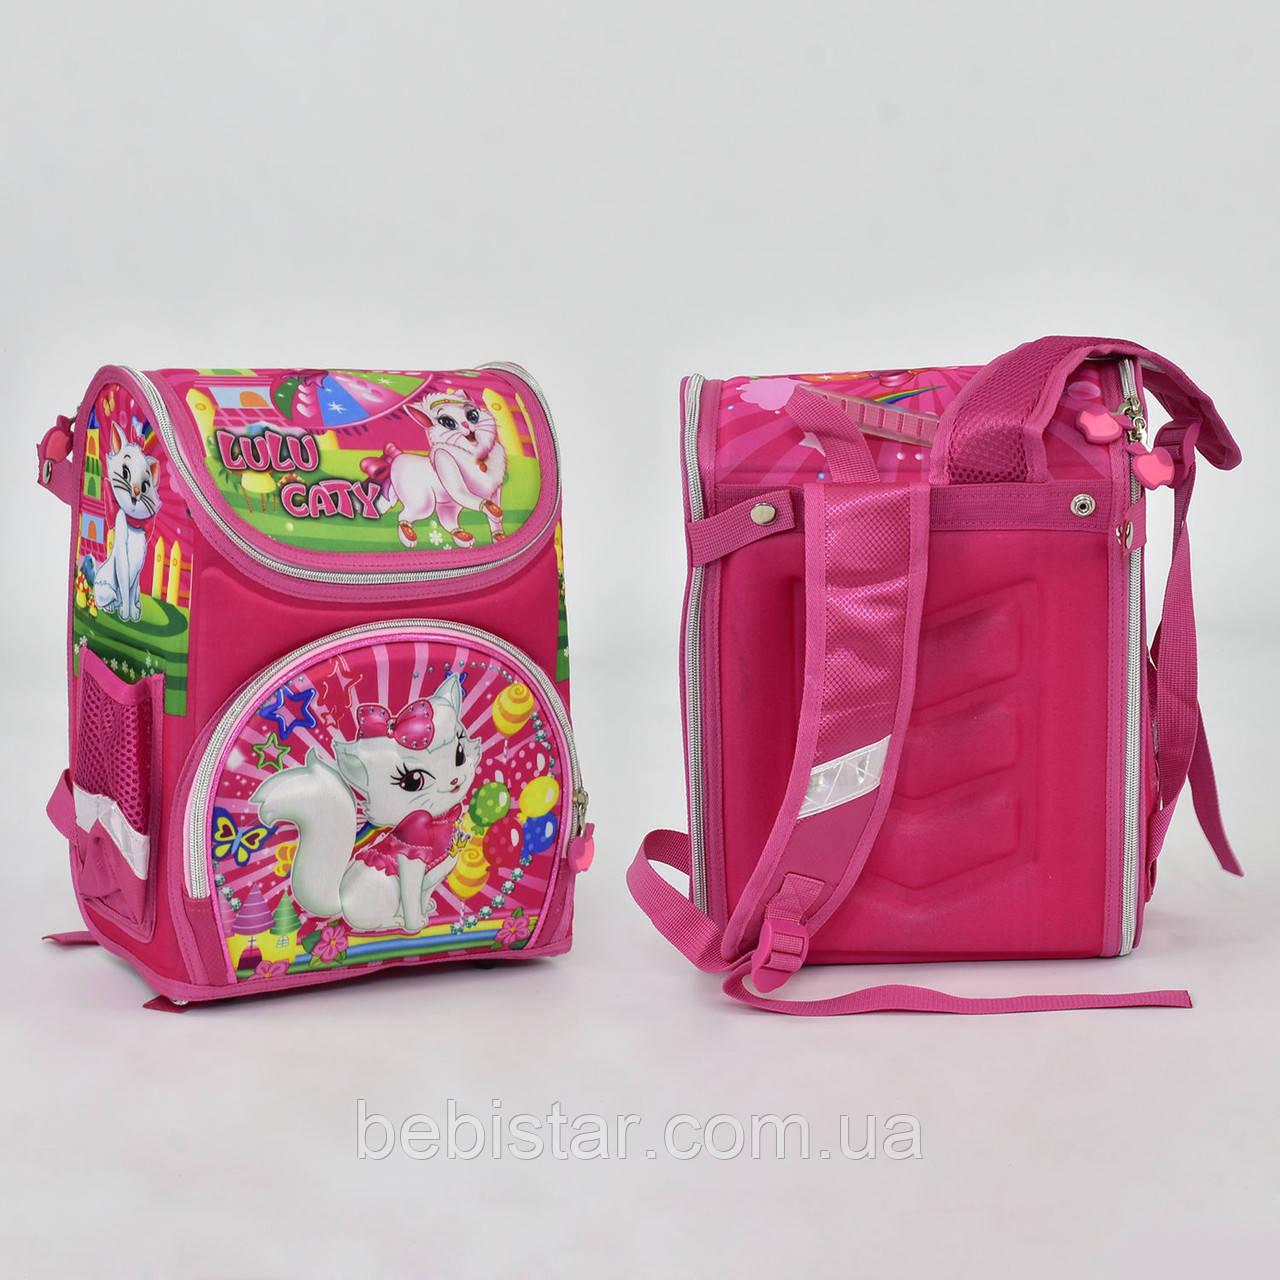 Шкільний рюкзак ортопедична спинка 2 кишені з зображенням кішечки Лулу